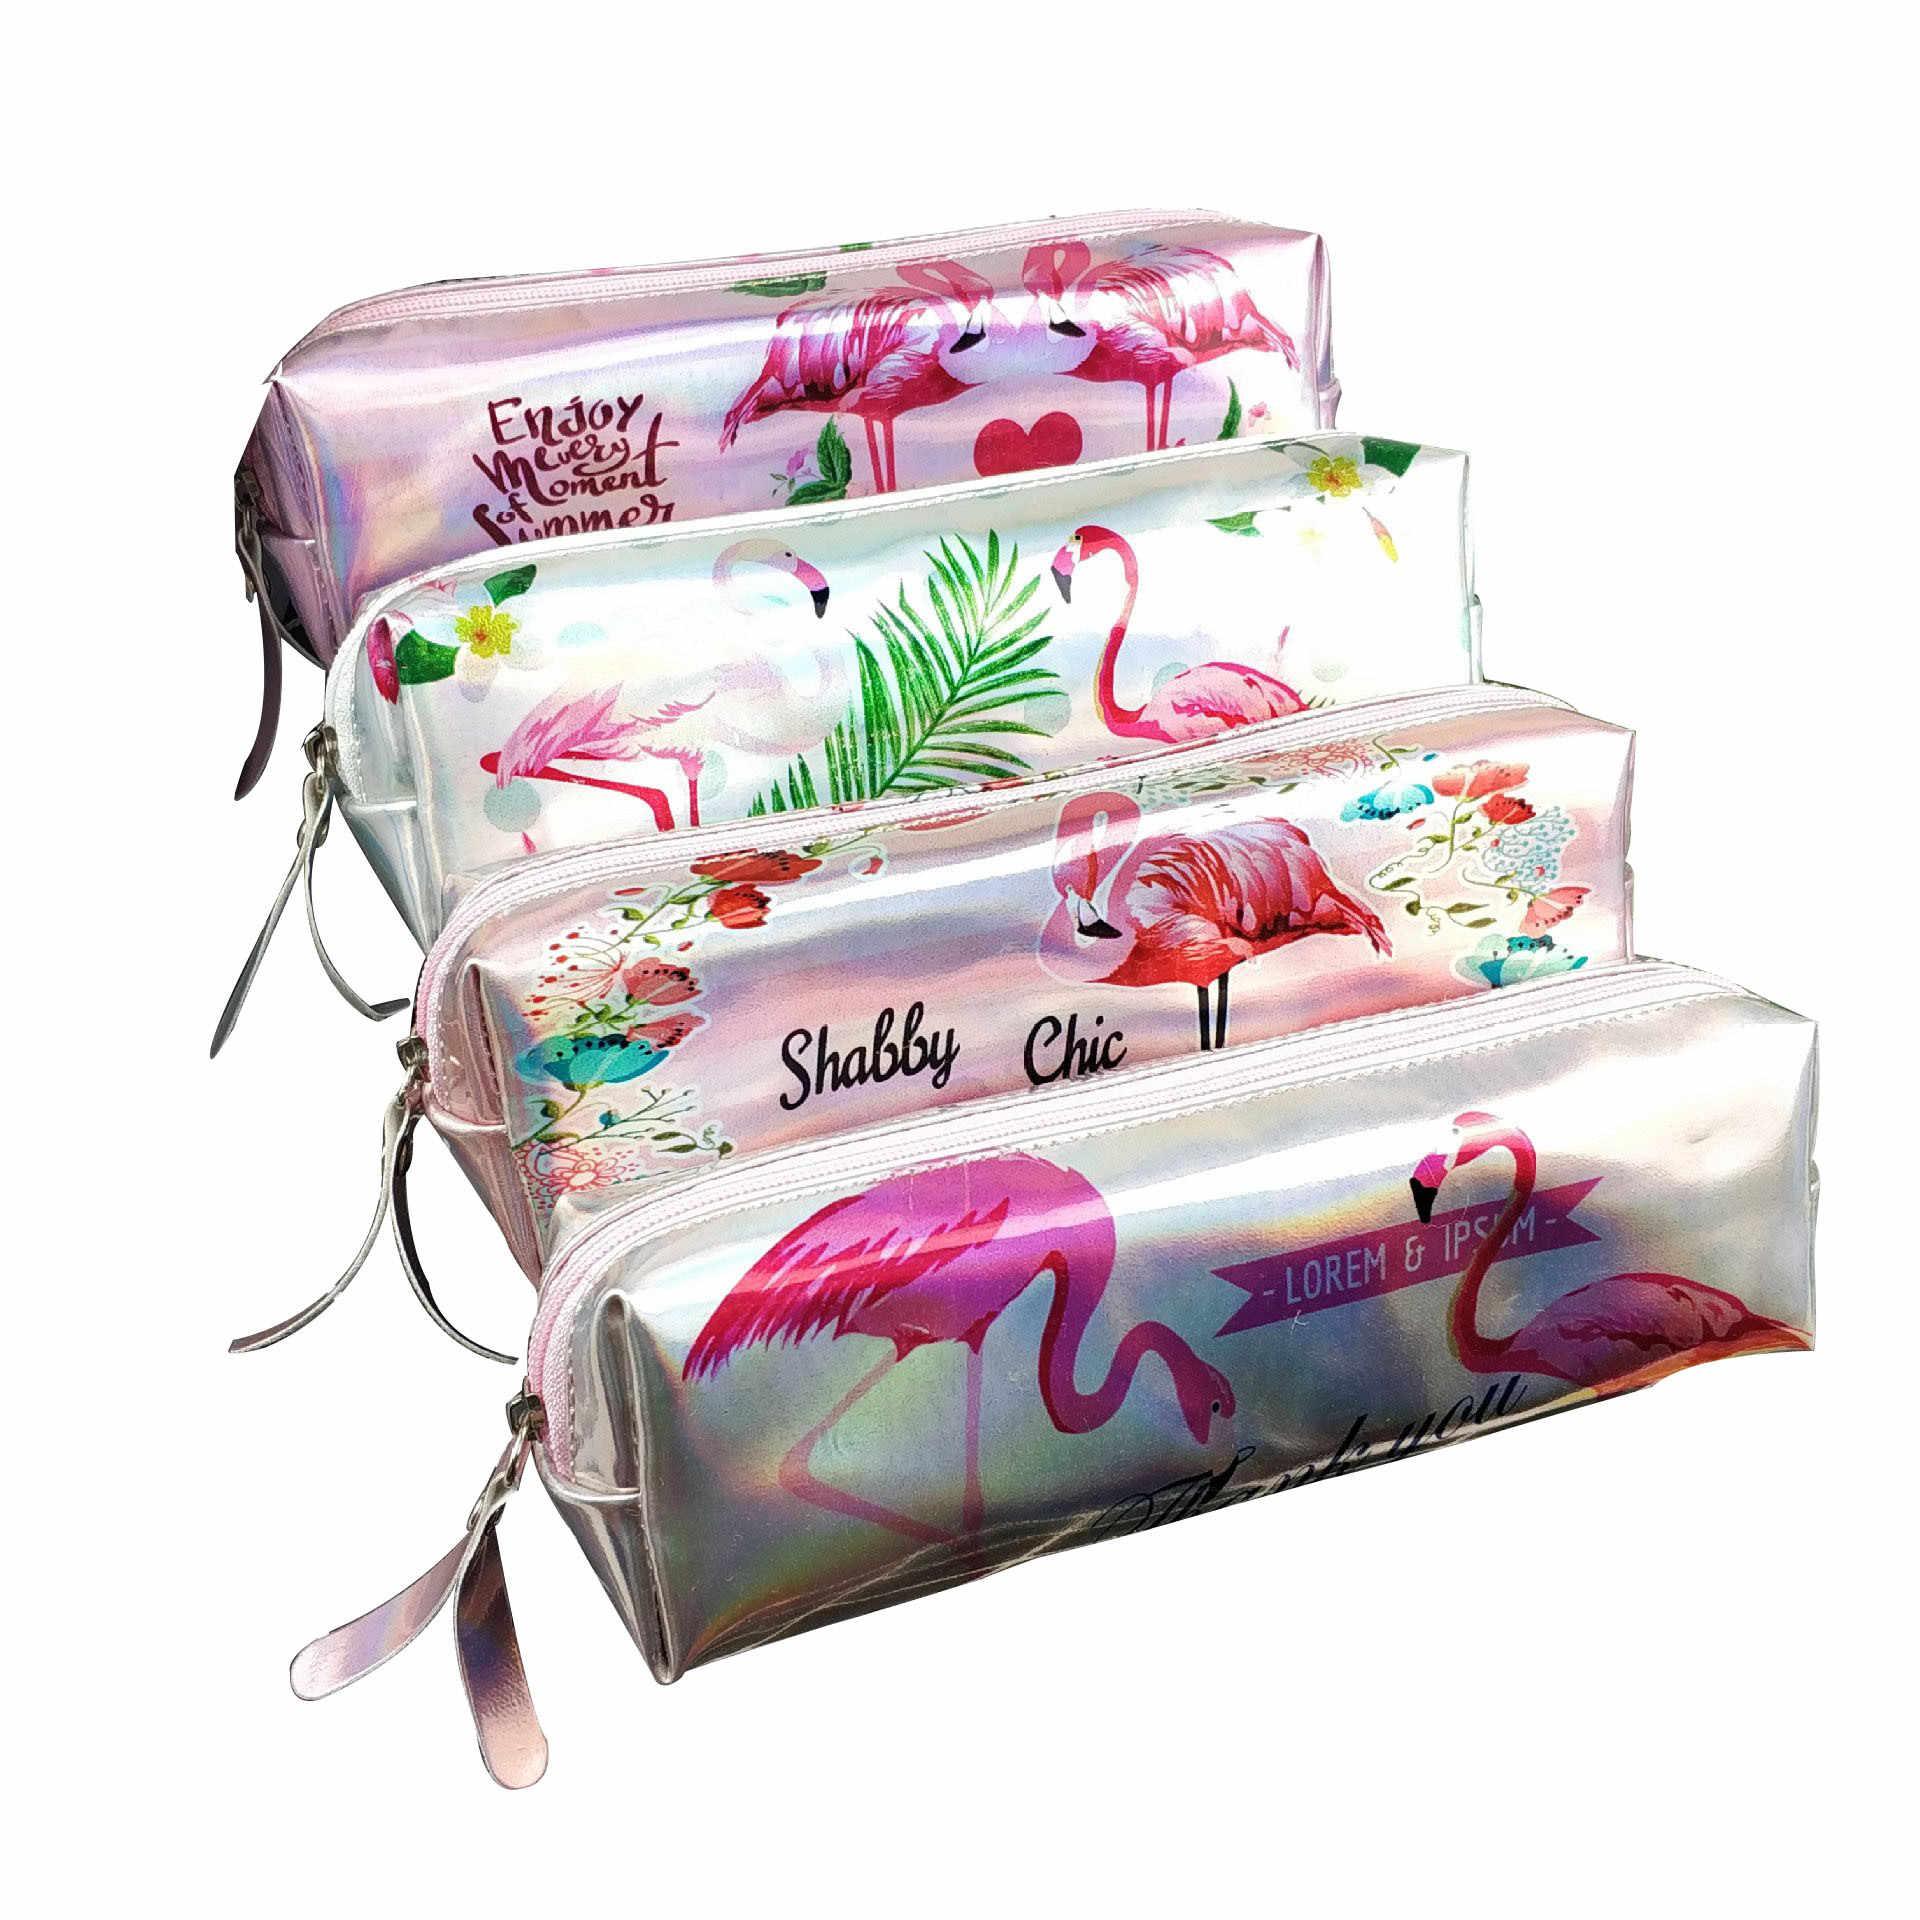 Laserowe flamingi podróży torba do przechowywania przenośny cyfrowy gadżet USB ładowarka przewody kosmetyczne etui na zamek błyskawiczny akcesoria akcesoria